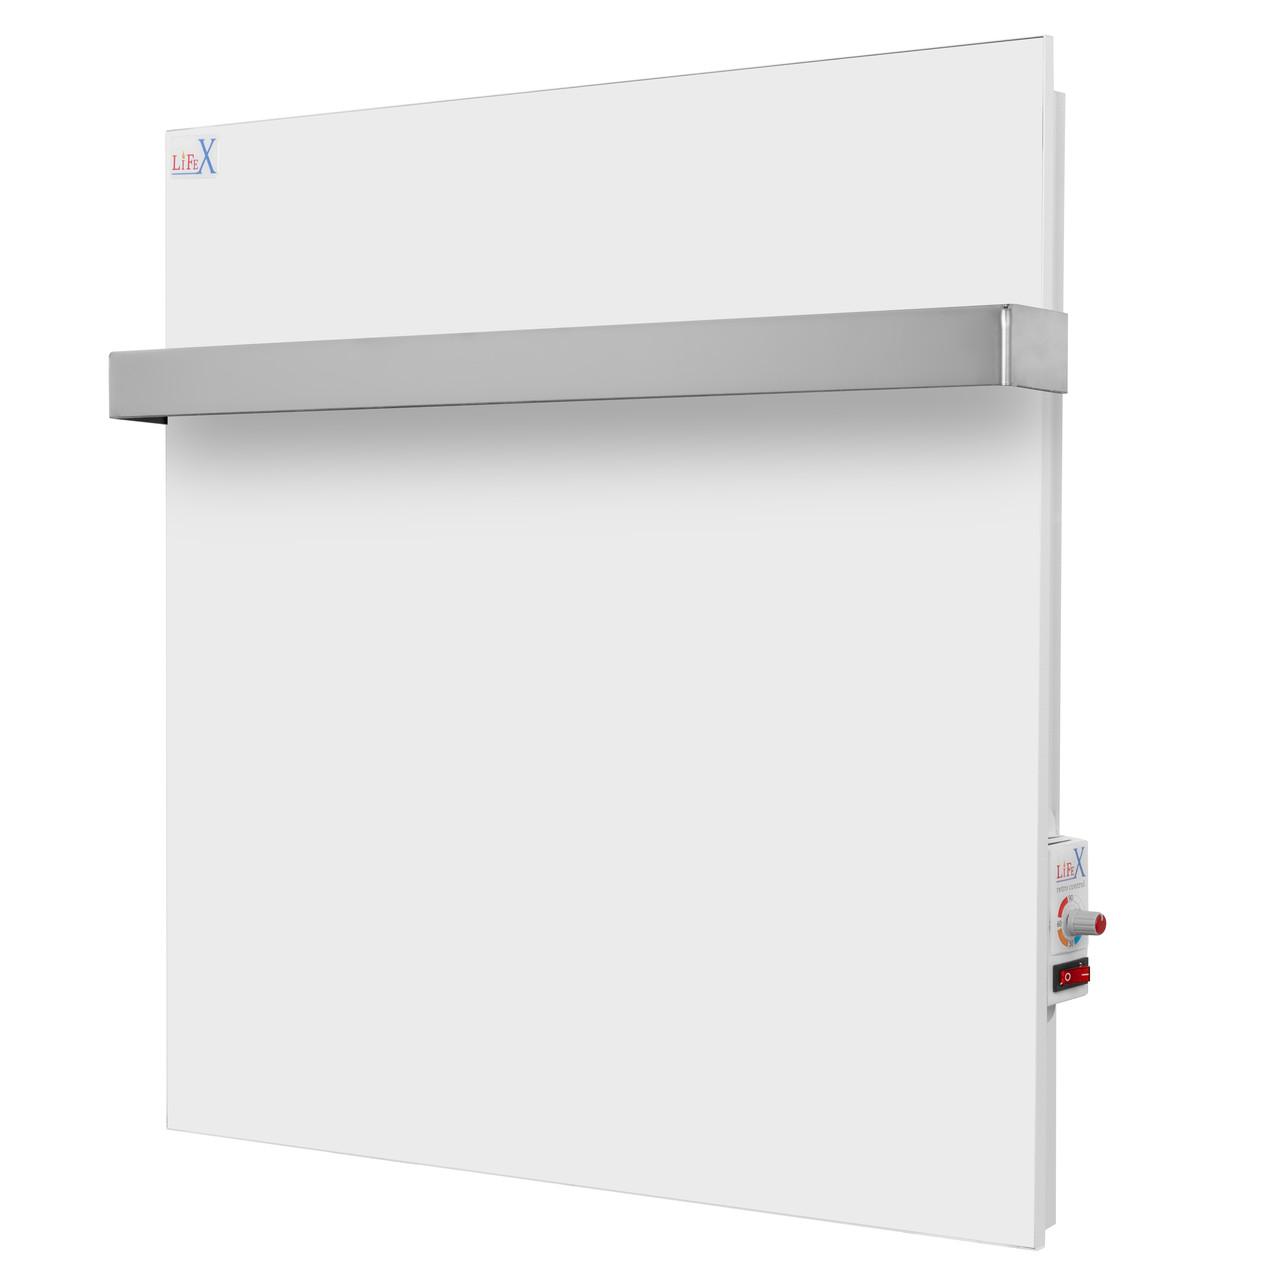 Керамический полотенцесушитель для ванной LifeX ПСК 400R белый (с механическим терморегулятором)